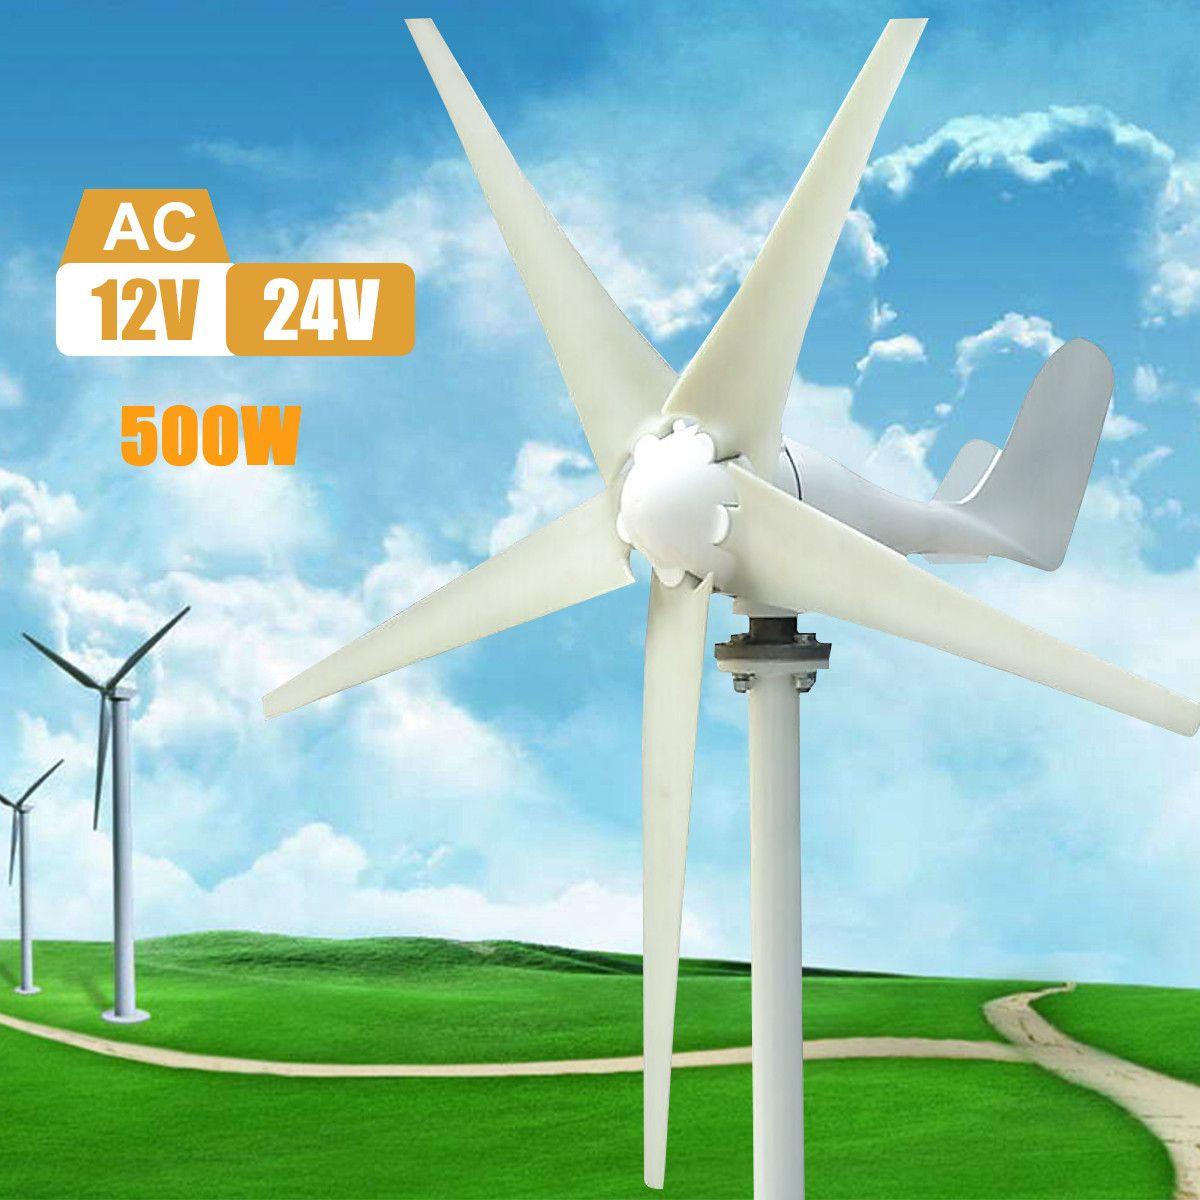 500 watt Max 600 watt Wind Turbine Generator AC 12 v/24 v 5 Klinge Netzteil für Home hybrid straßenbeleuchtung verwenden